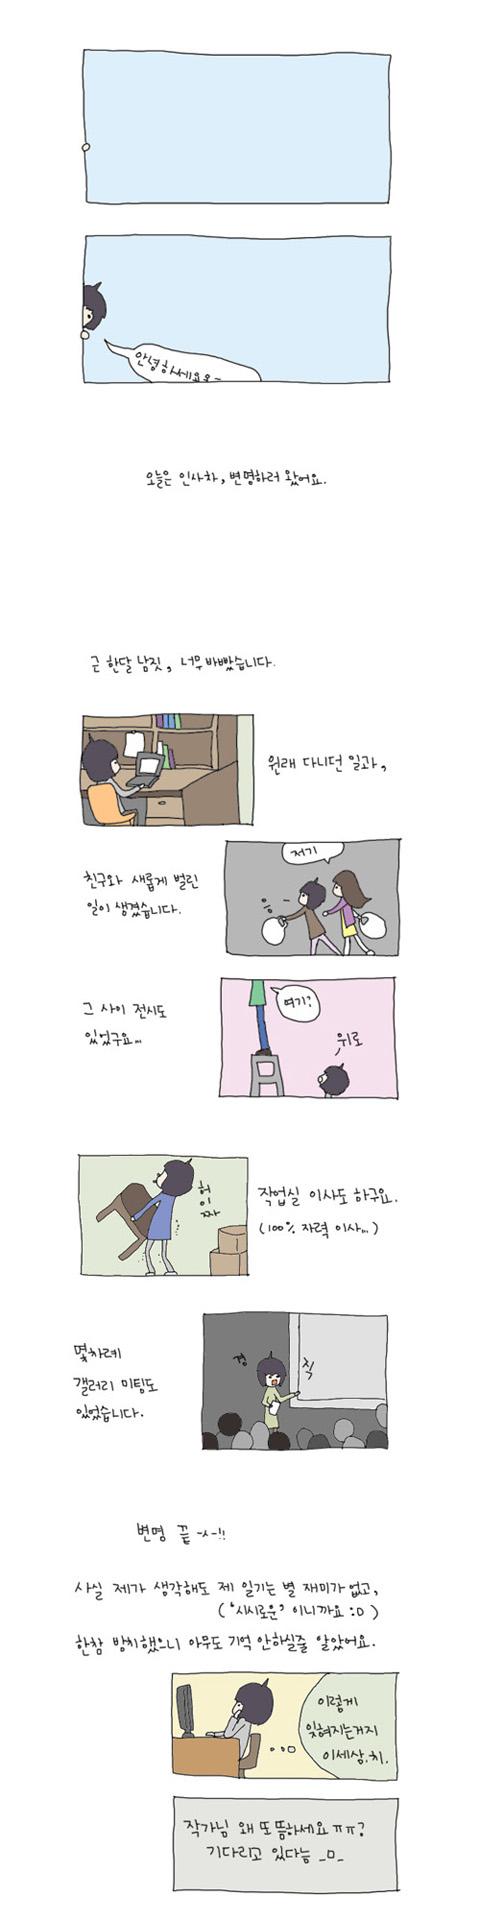 [murmur]시시로운_인사